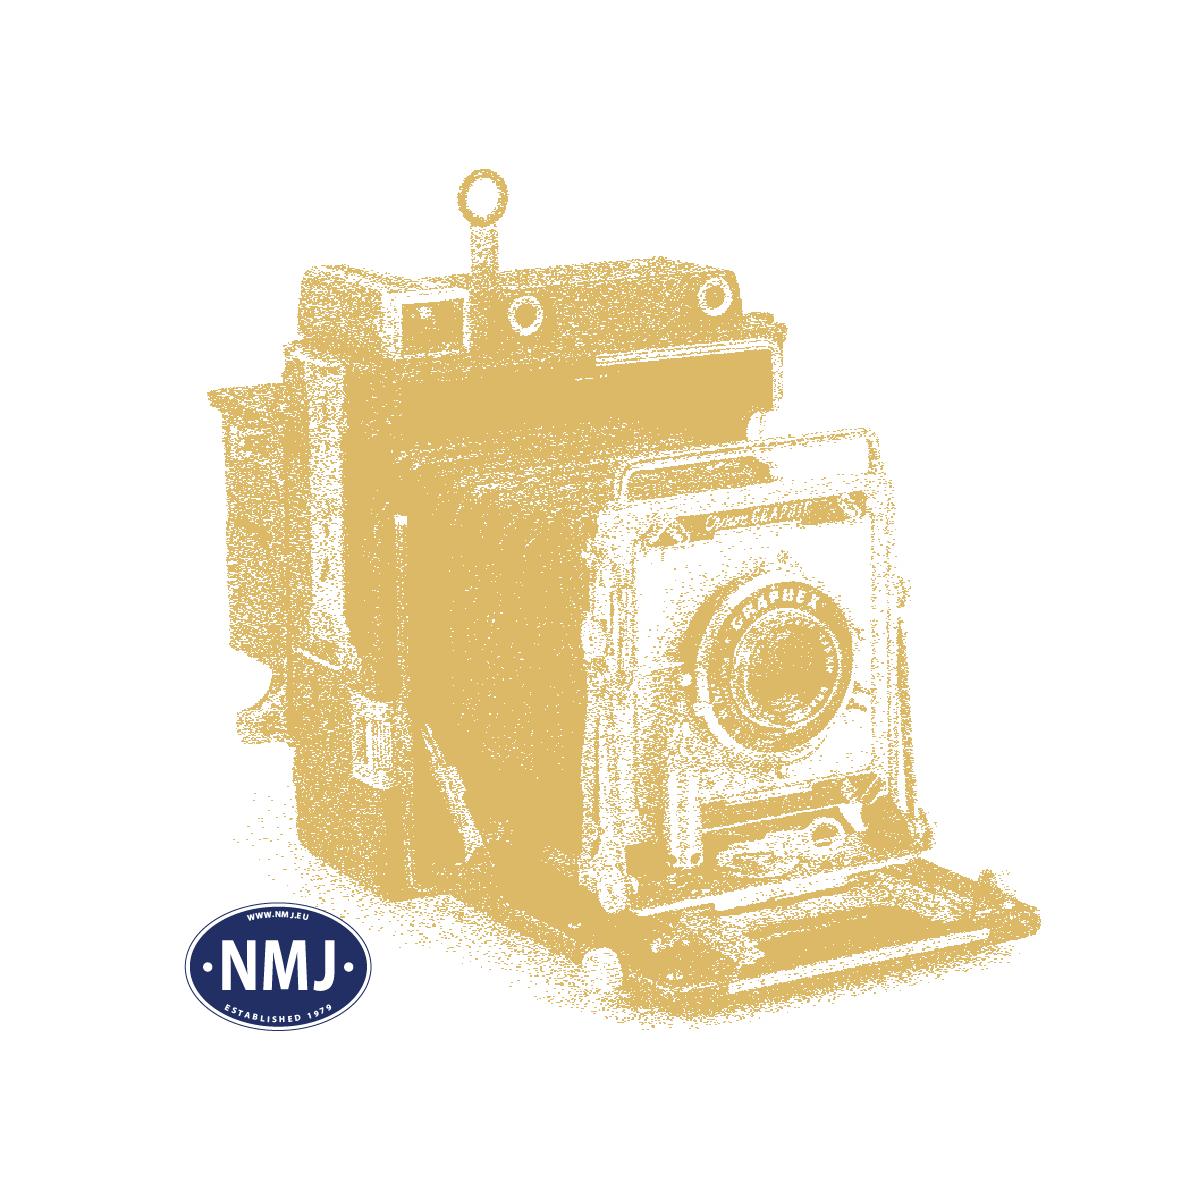 NMJT9915 - Schneepflüge, Handgriffe und Leitern für die El13 rot/Nydesign